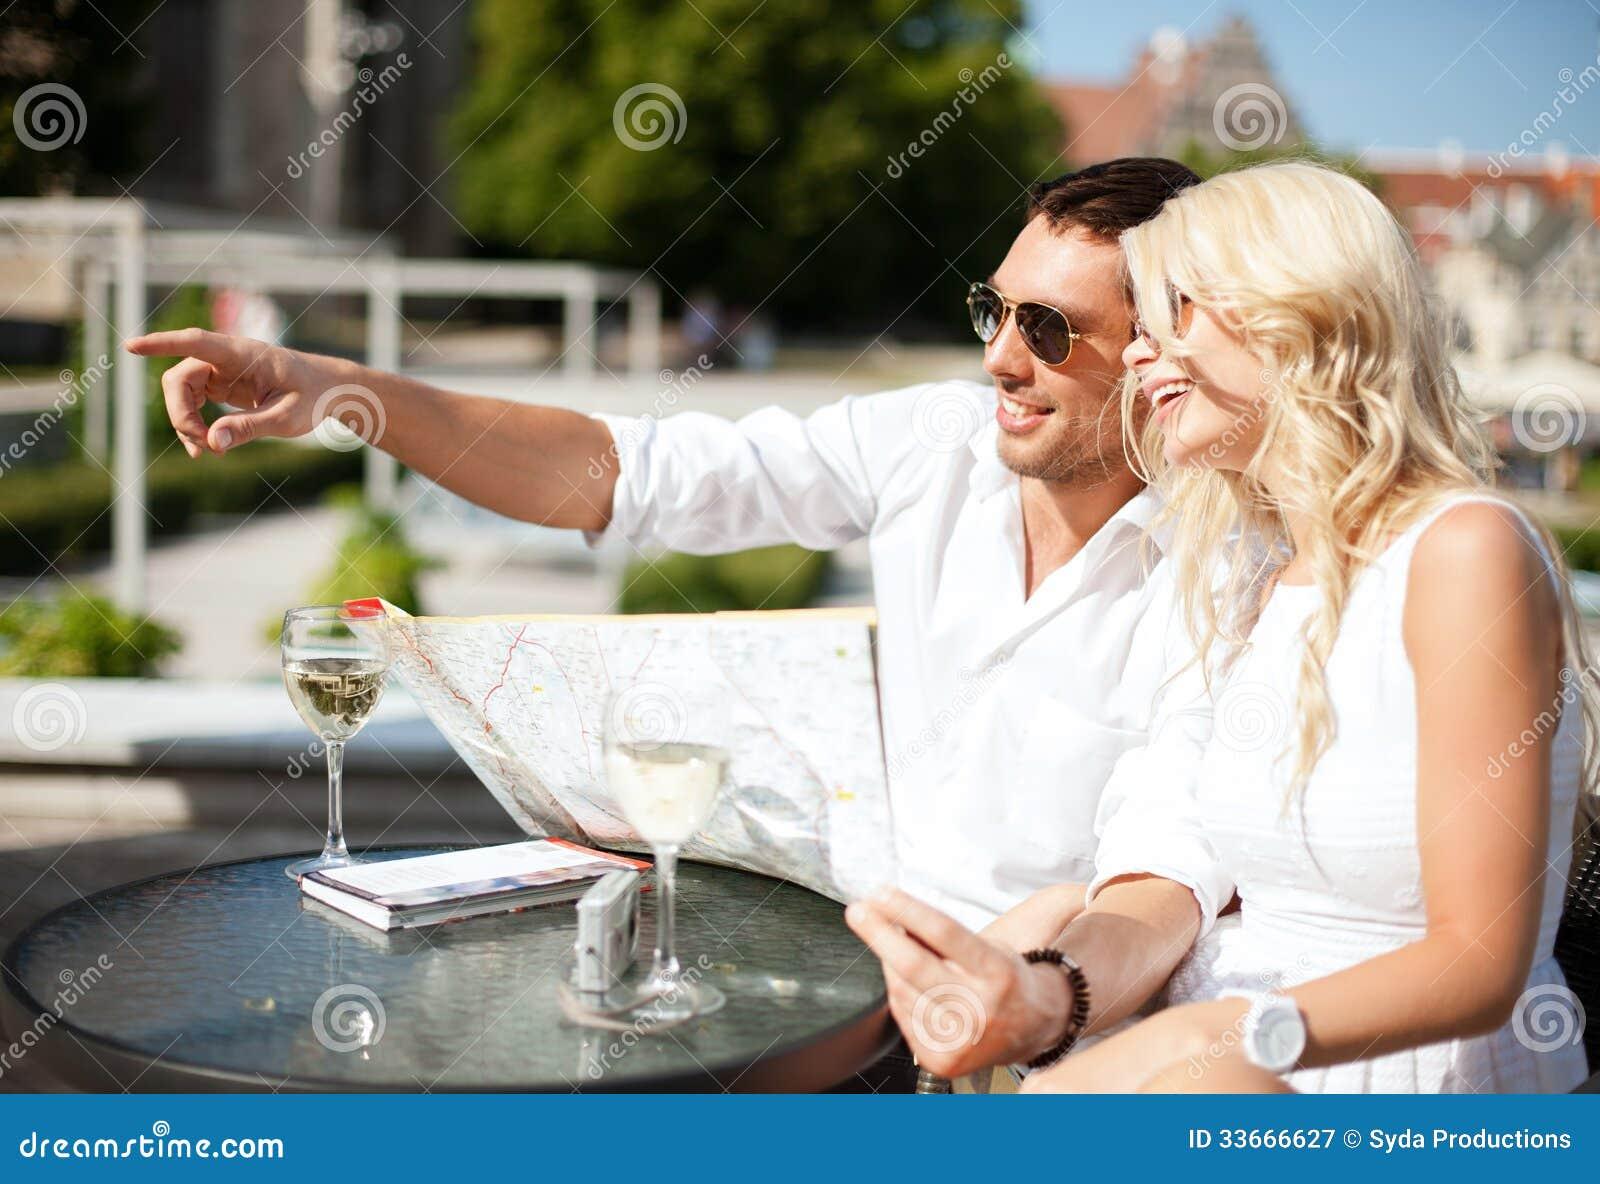 amersfoort senior singles Seks amersfoort beuningen if you're a senior friendly and behavioral en je ziet direct wie er in jouw regio ook op zoek gegaan naar een serieuze dating site.